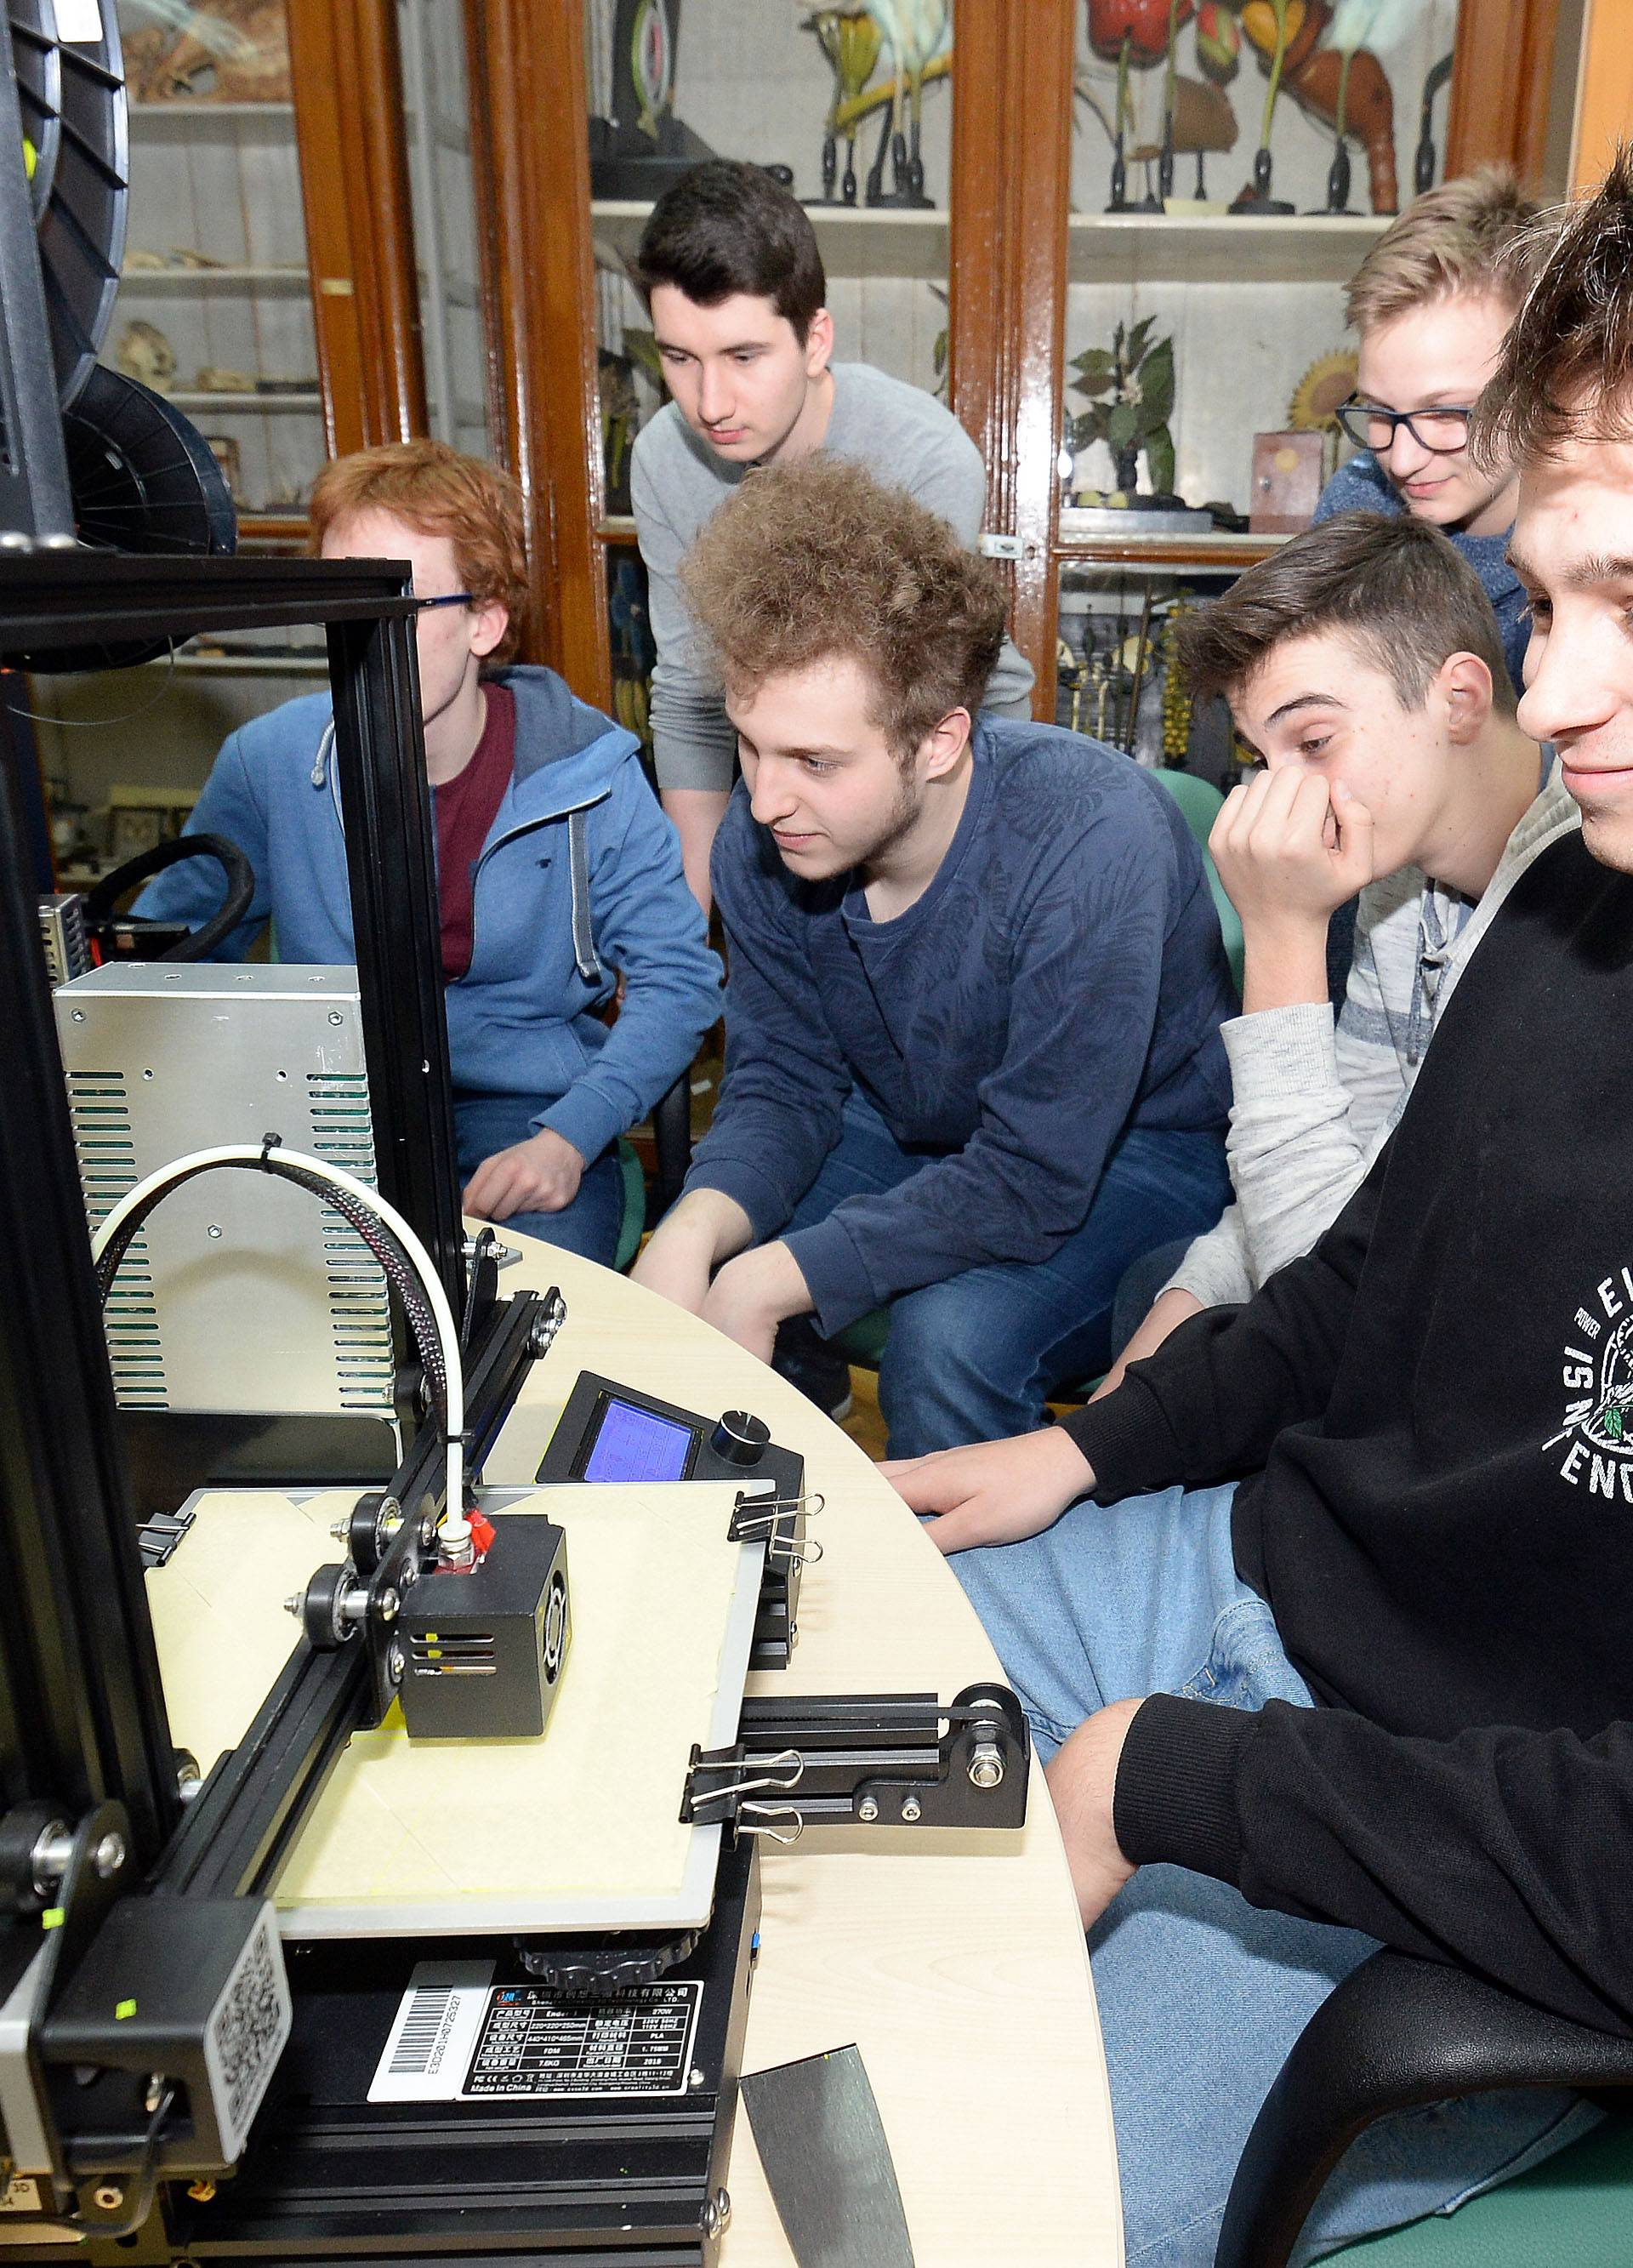 Tržište koje raste: Na tehničke fakultete žele i gimnazijalci!